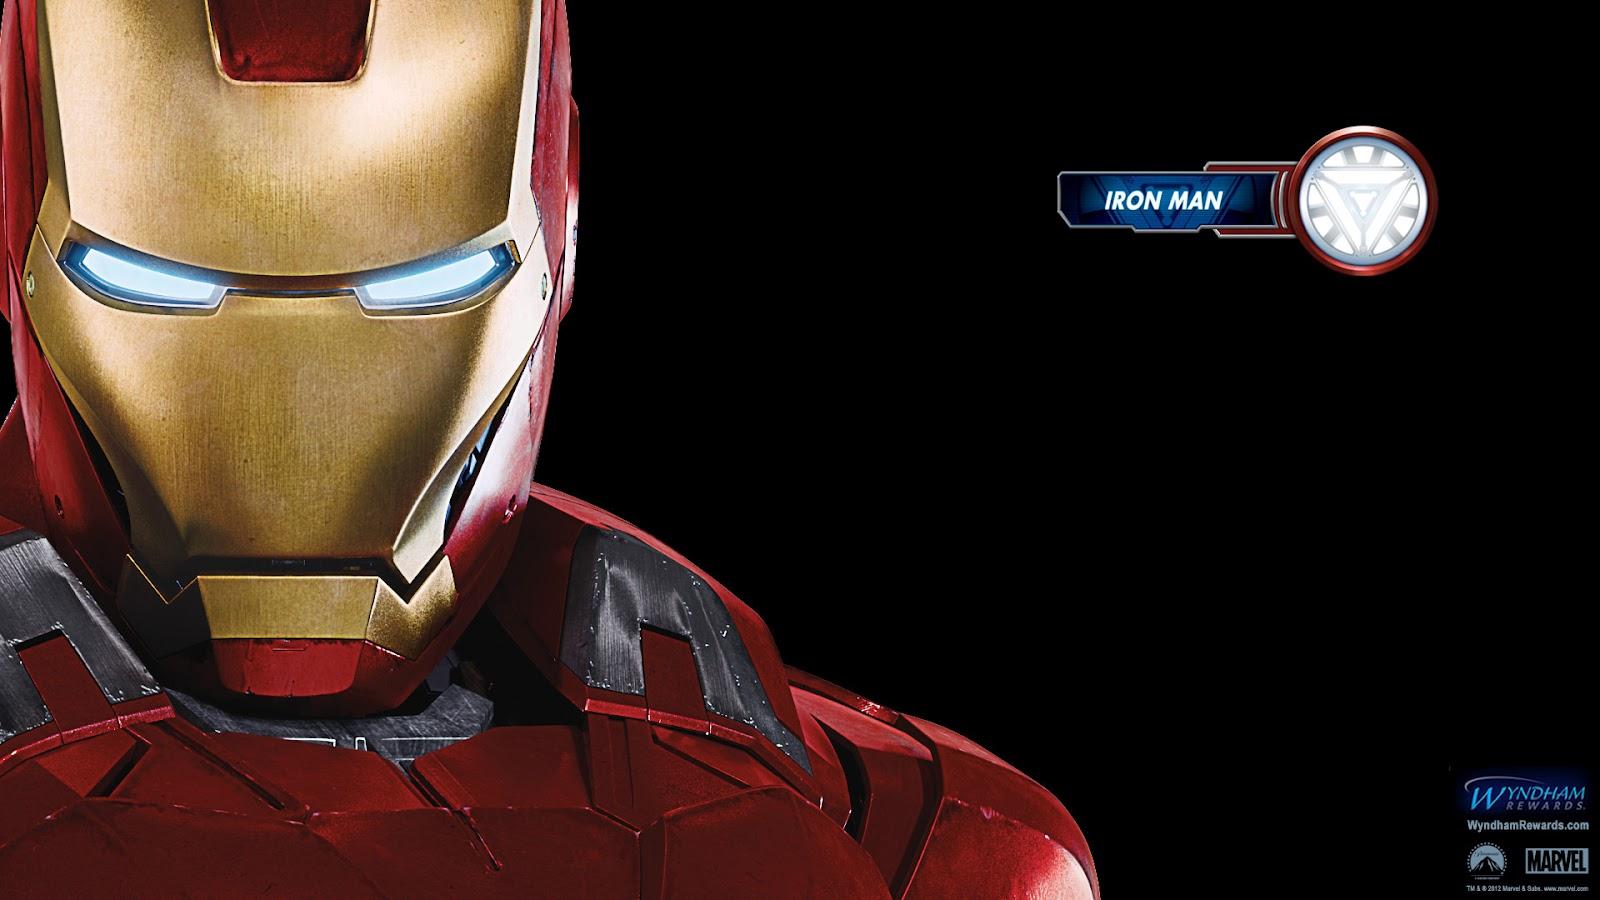 http://2.bp.blogspot.com/-URv9J8TzoQw/T4yorAww7AI/AAAAAAAAAeQ/cNUIZQeczr8/s1600/wyndham_avengers_Robert_Downey-Jr_Iron_Man.jpg